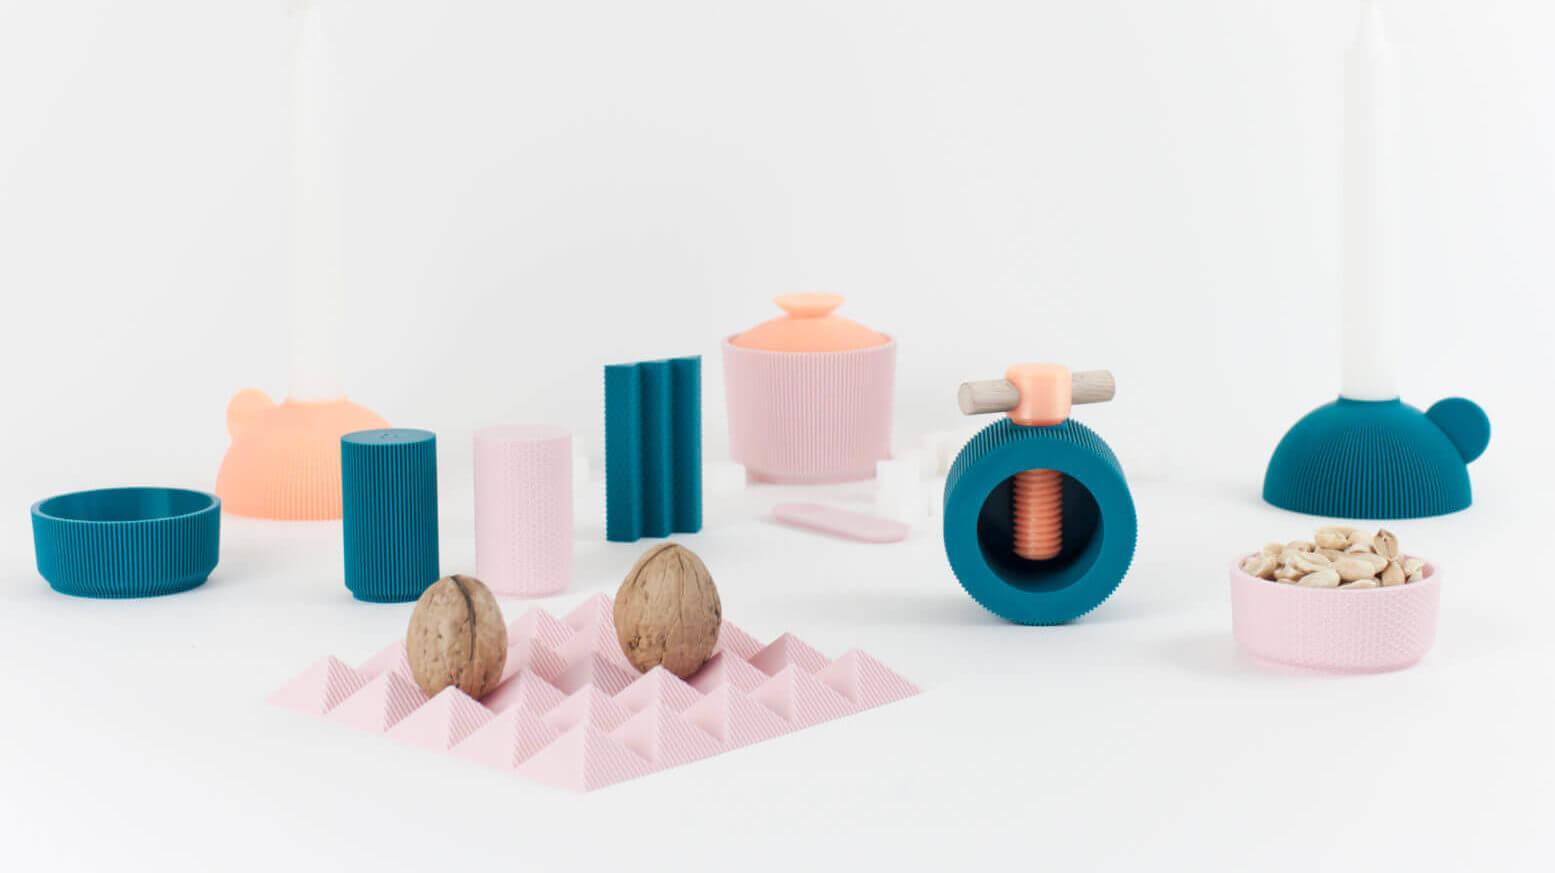 L'impression 3D sur la table par UAU Project